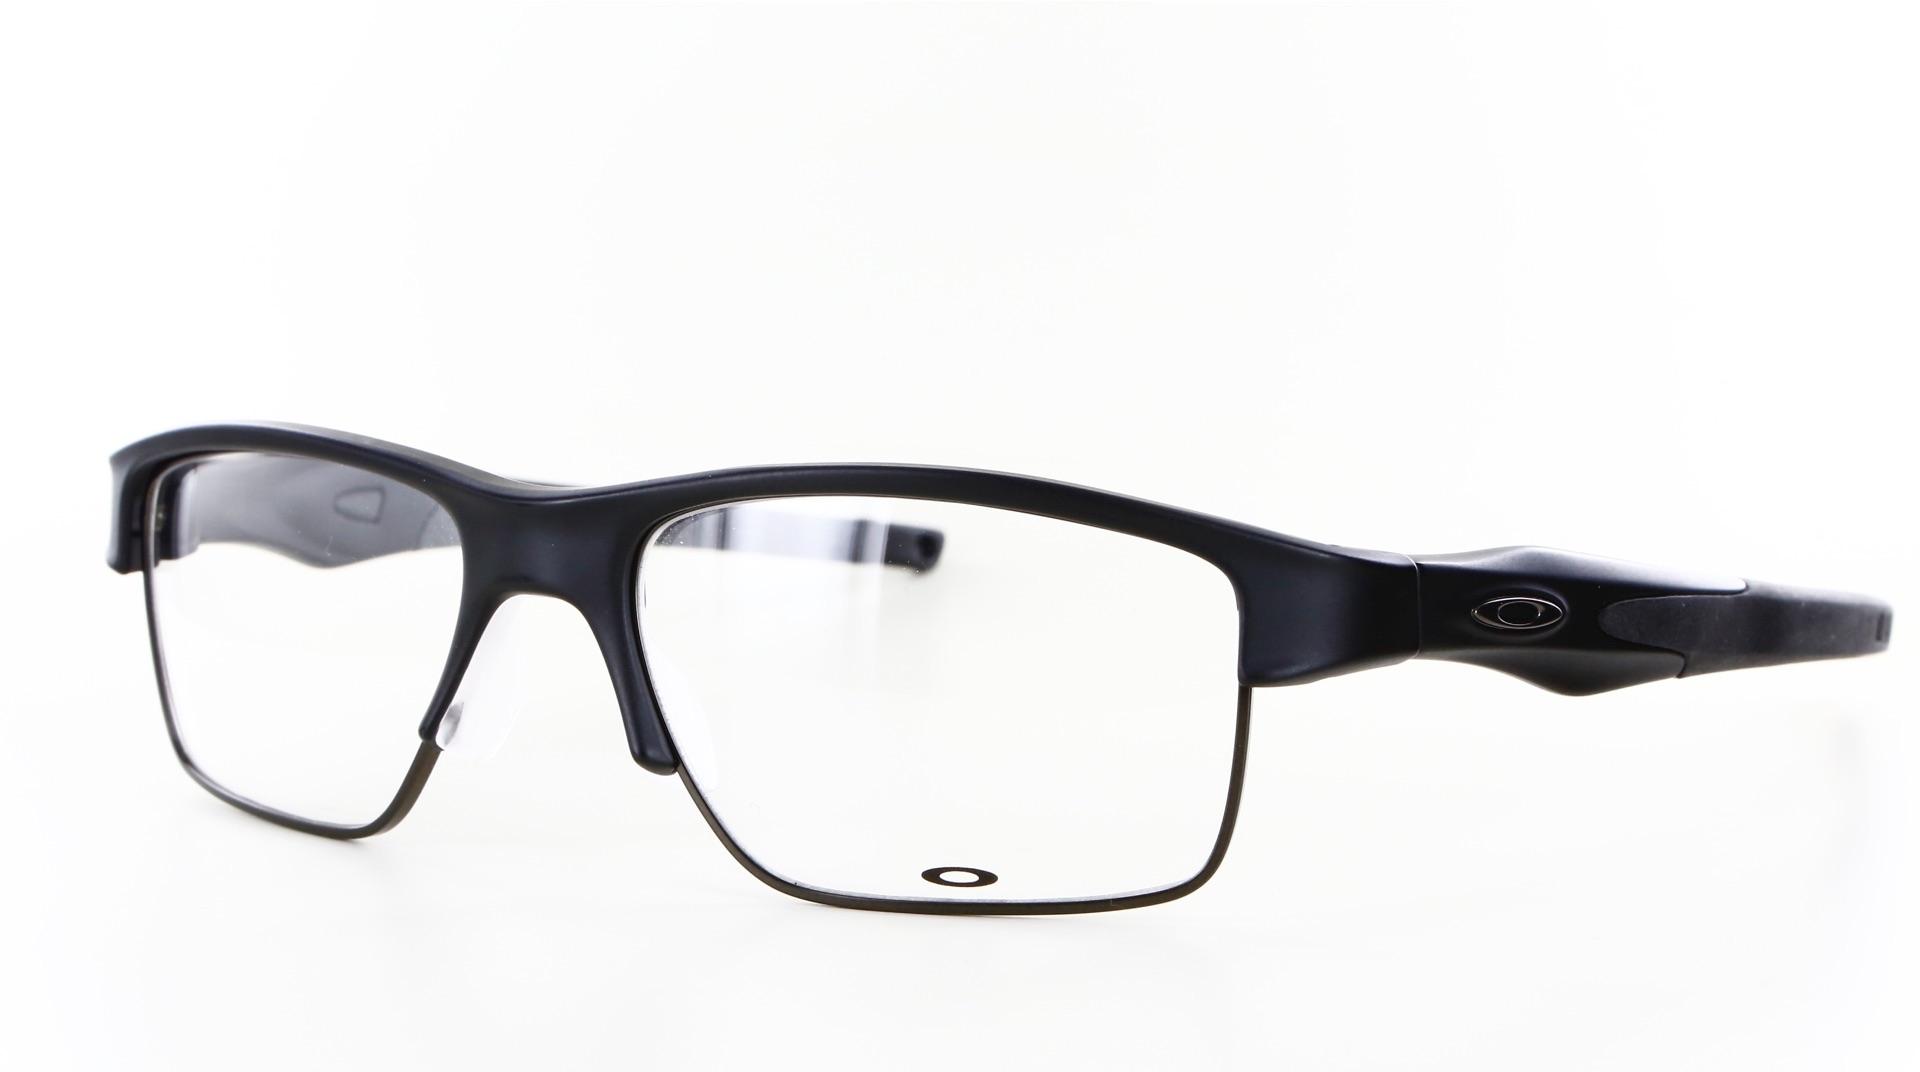 Oakley - ref: 68796